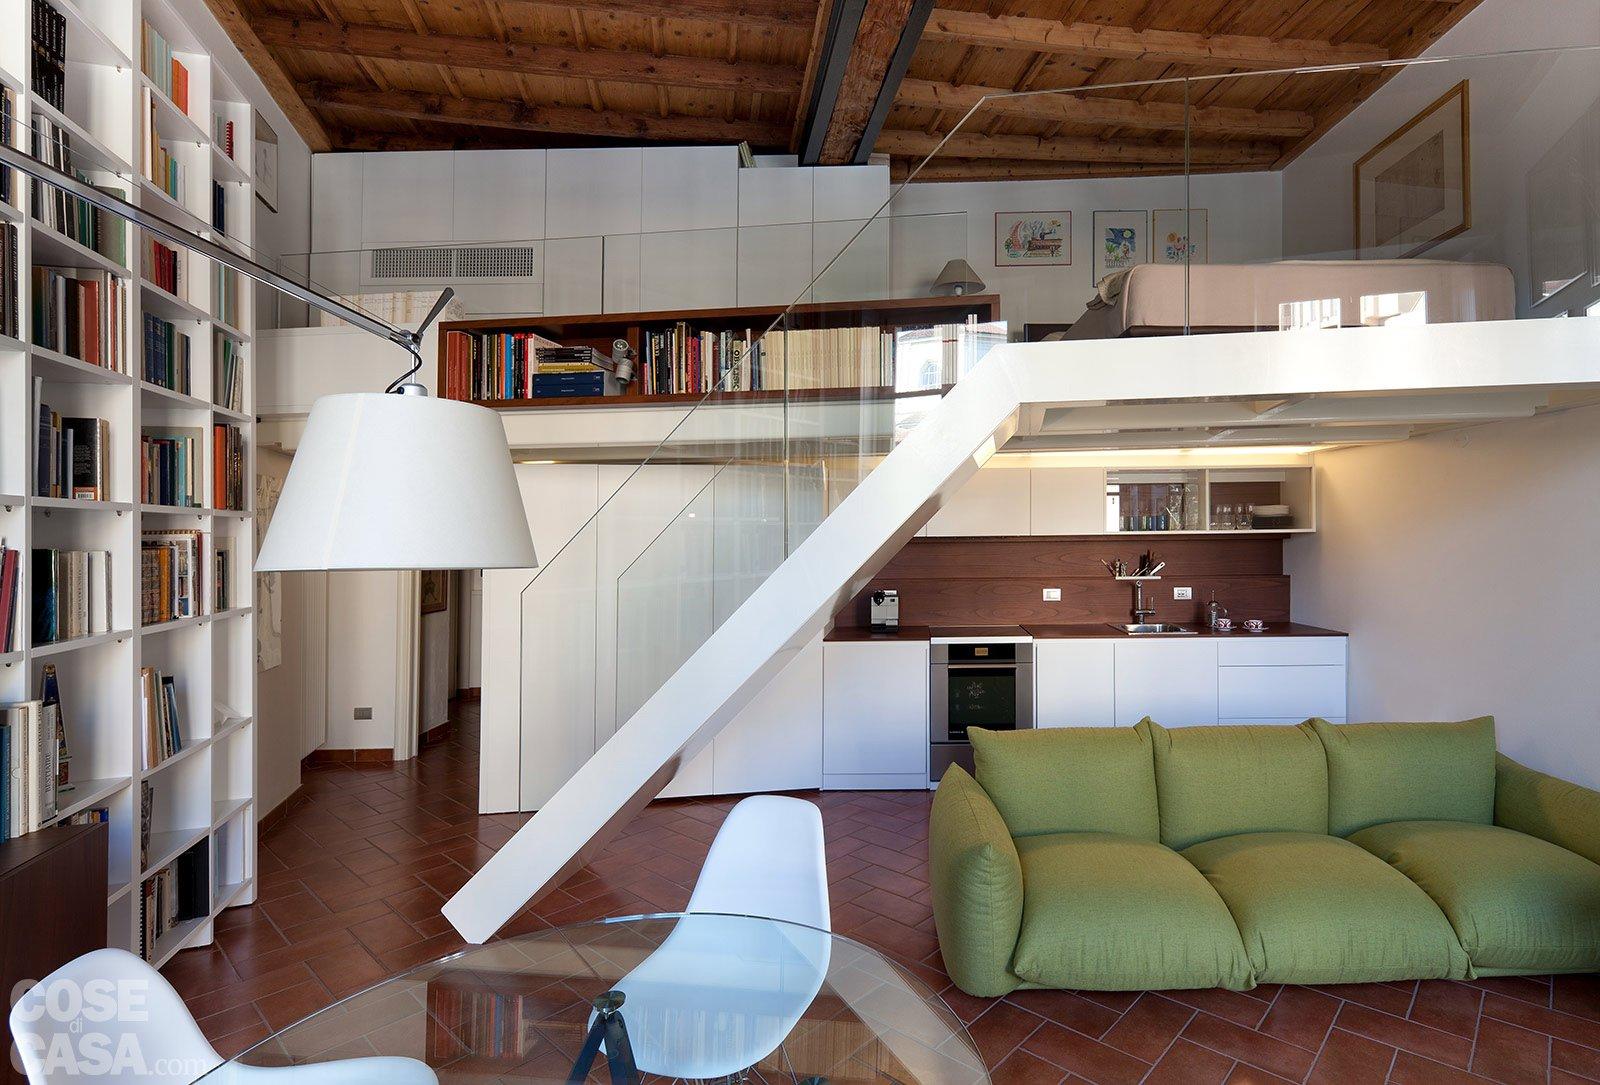 Un monolocale ampliato in altezza cose di casa for Disegni di casa italiana moderna